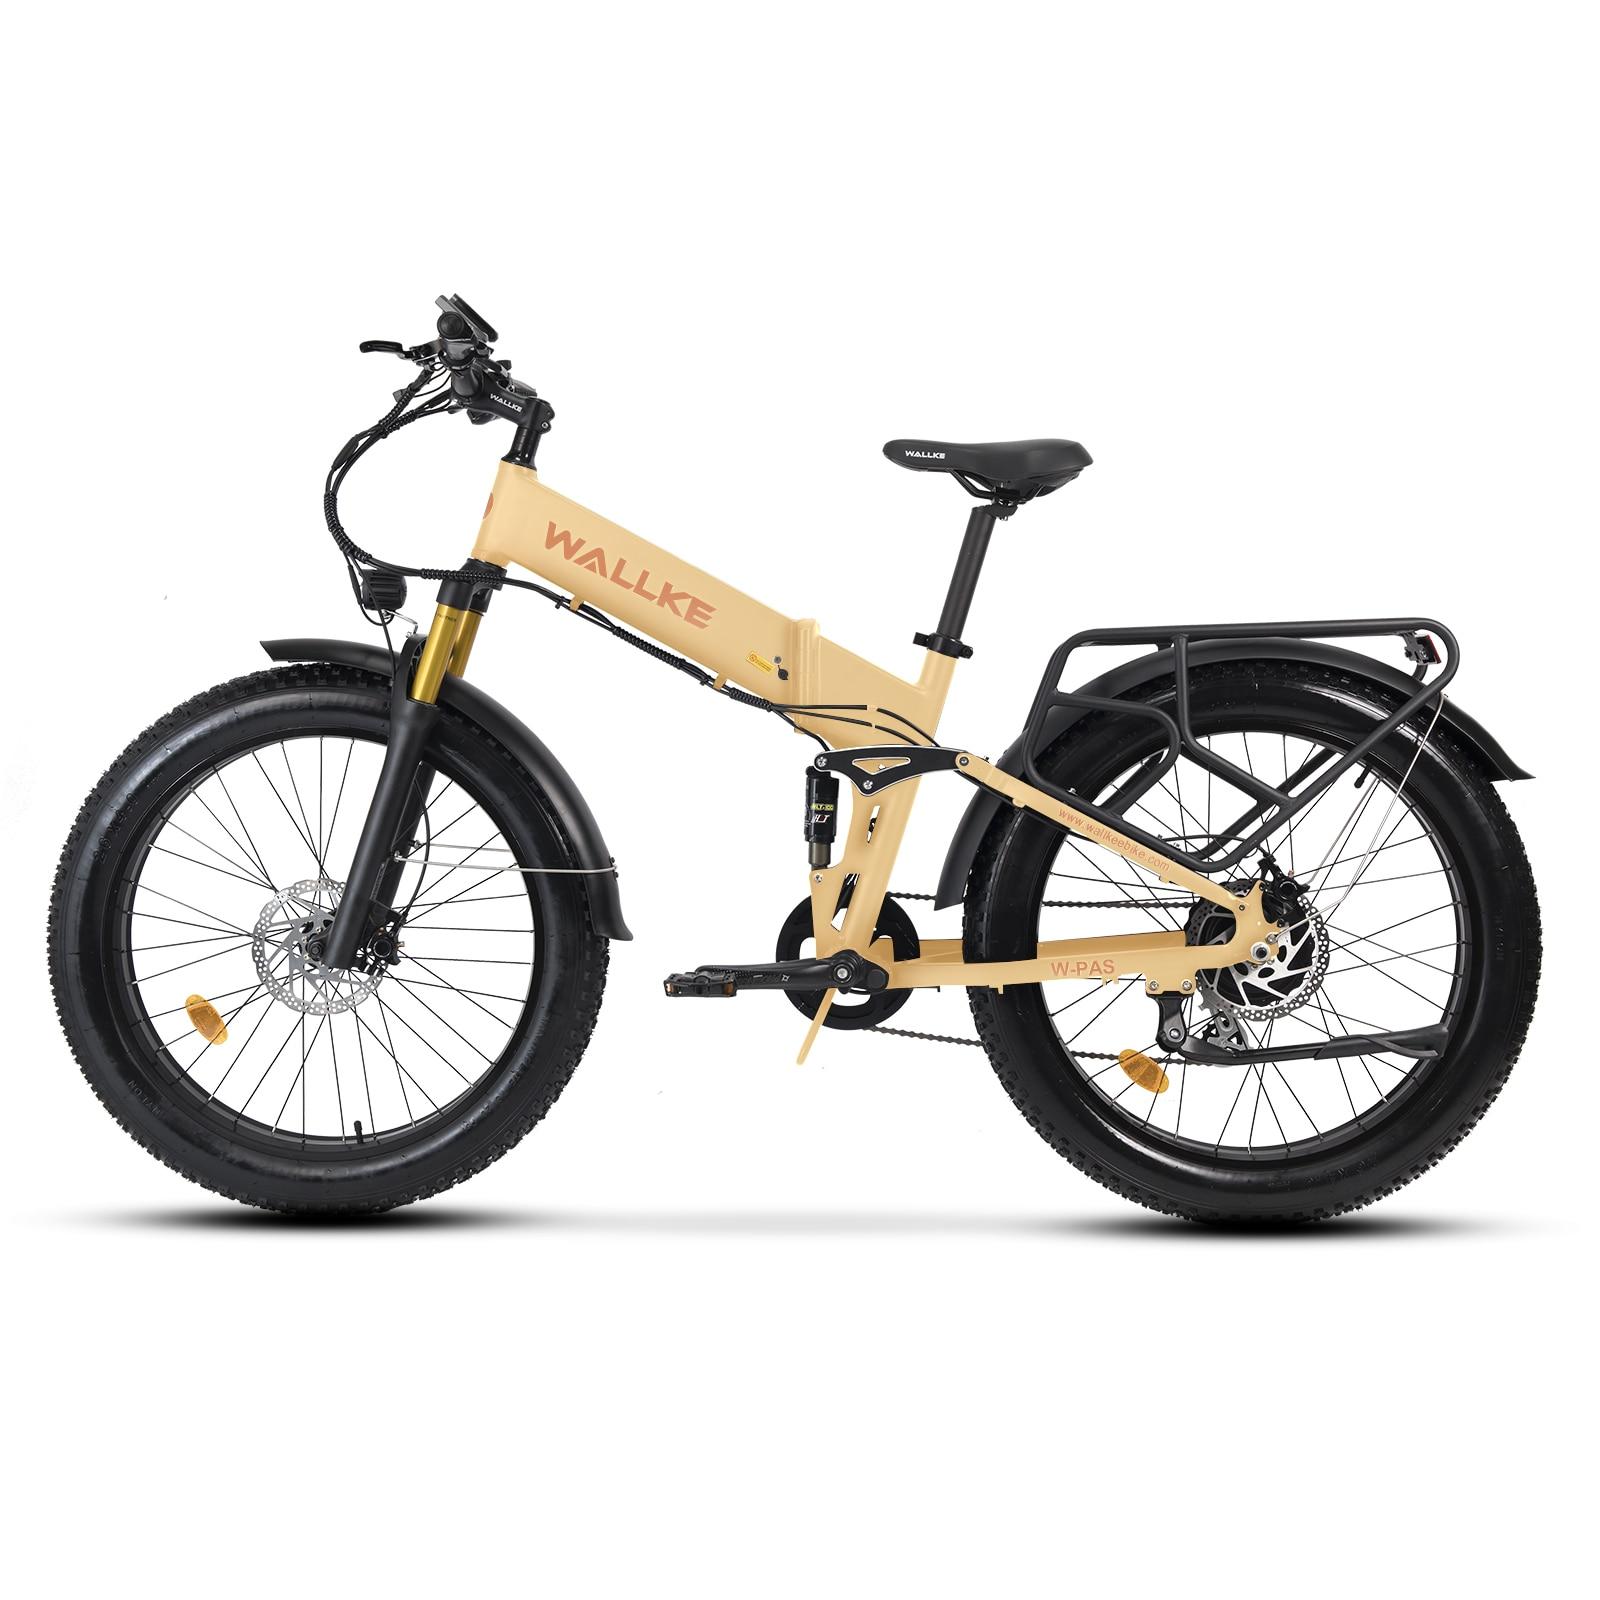 W walke X3 Pro دراجة كهربائية قابلة للطي Ebike 750 واط 26 بوصة دراجة جبلية كهربائية ، 26MPH الكبار دراجة كهربائية ، قابلة للإزالة 48 فولت Lith